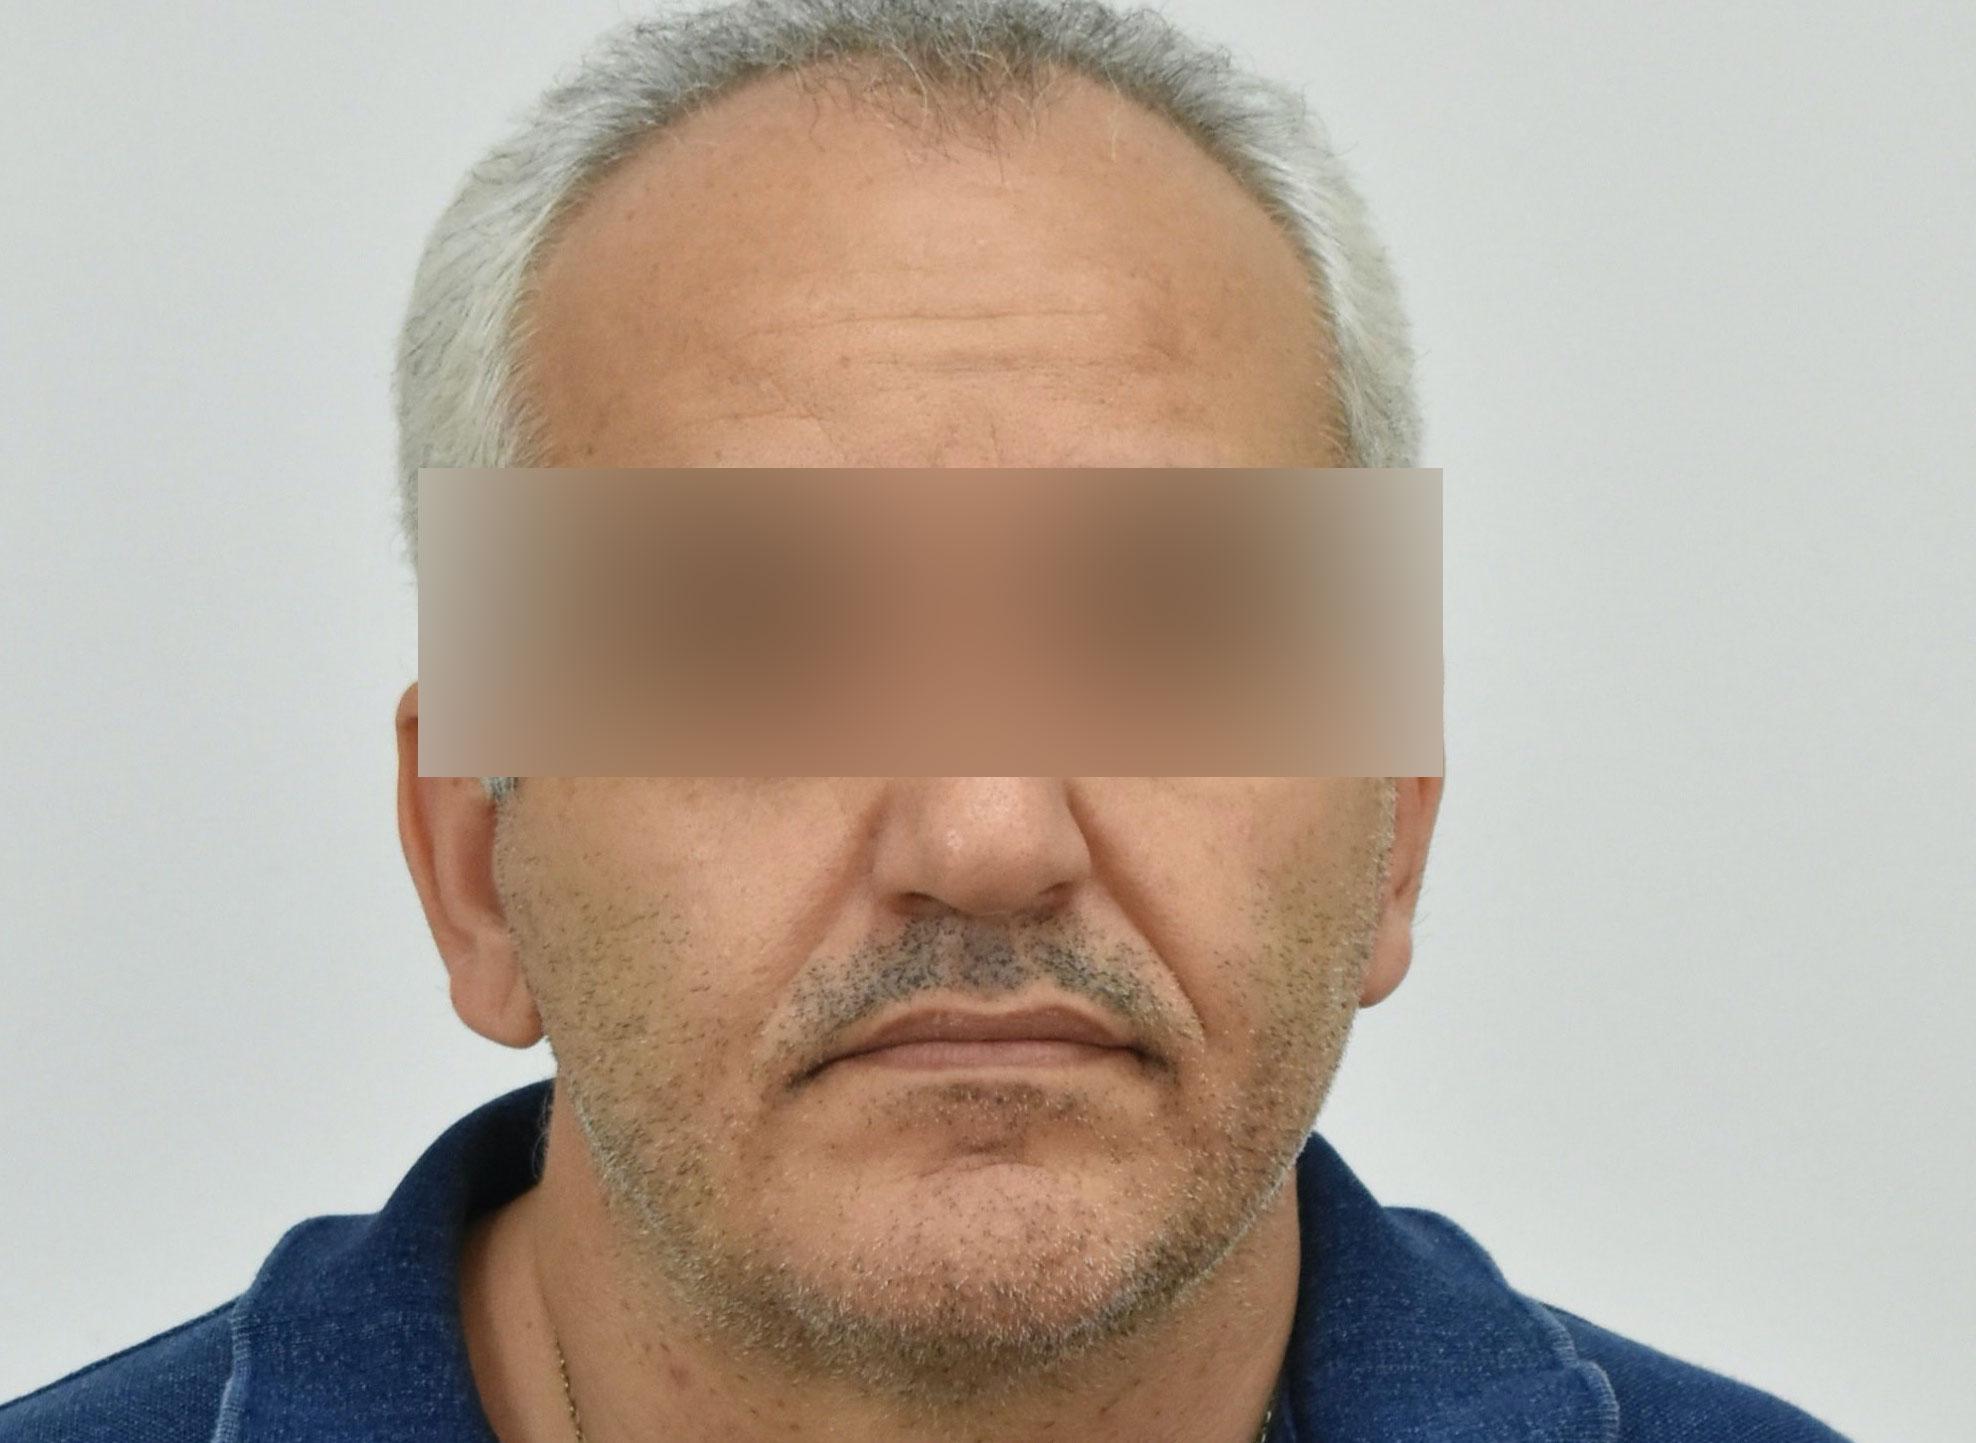 Σε δίκη ο «ψευτογιατρός» για 12 θανάτους καρκινοπαθών και 14 απόπειρες ανθρωποκτονίας